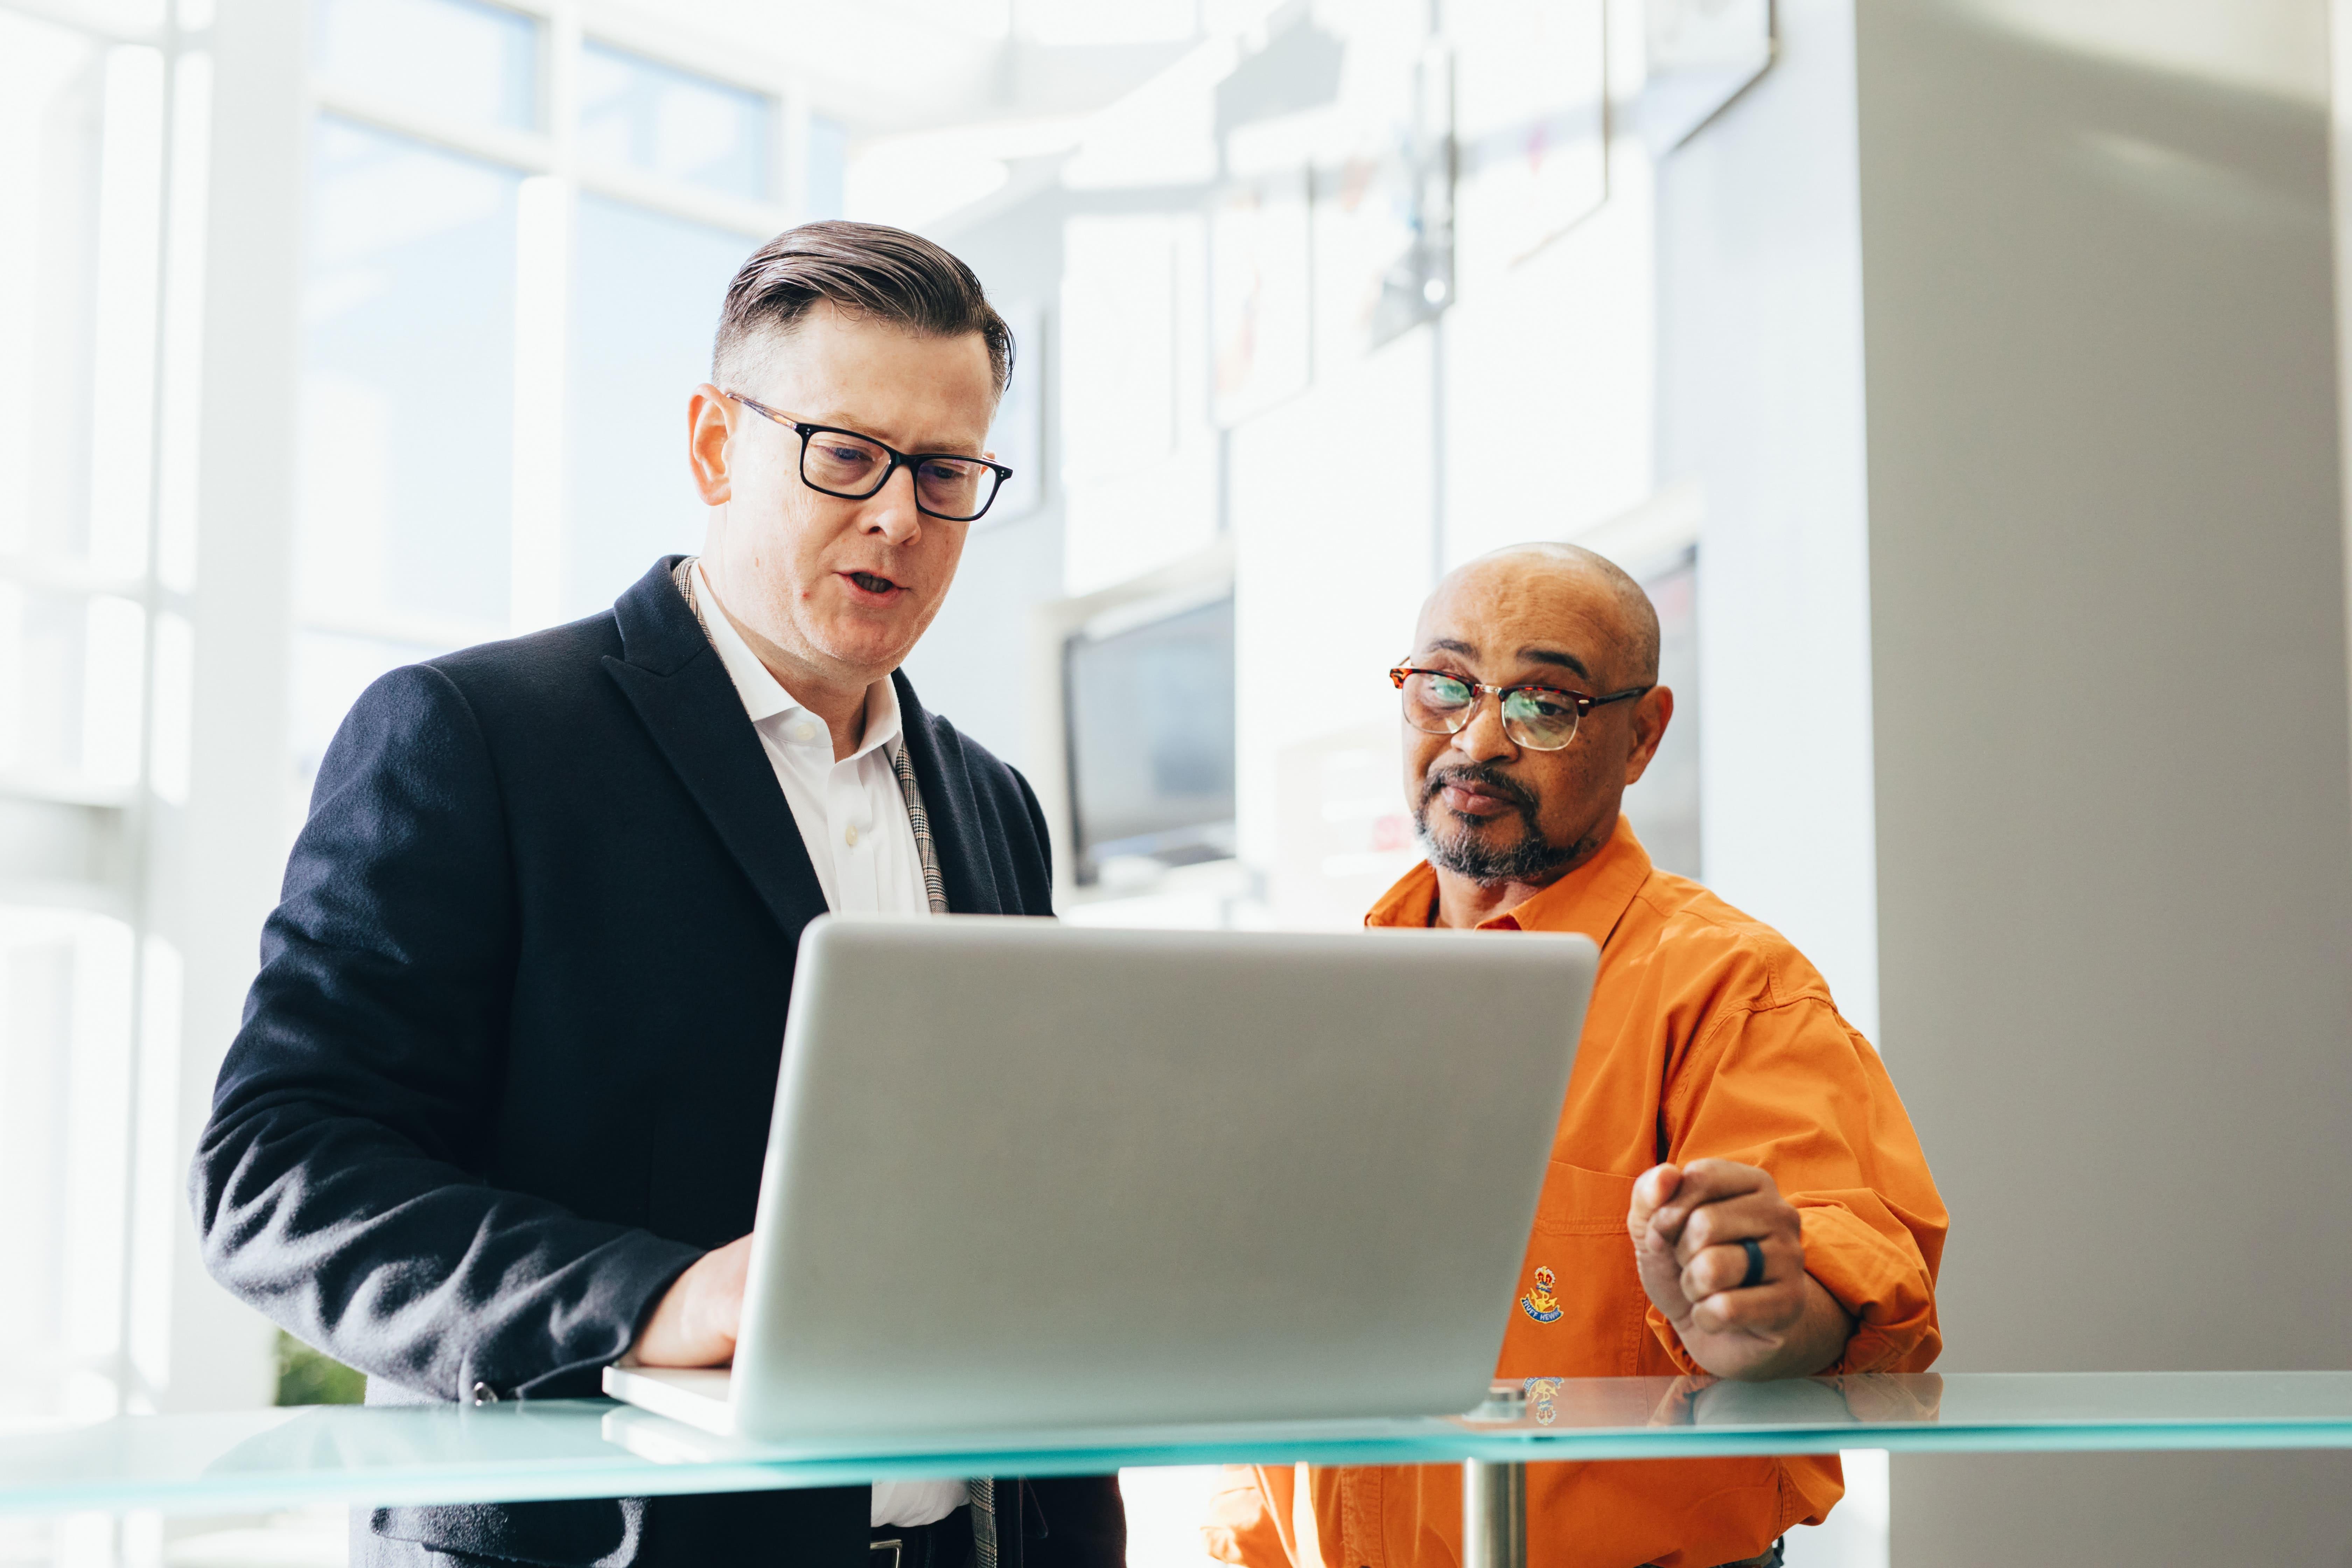 white-man-suit-black-man-computer-desk-trading-robo-advisor-roboadviser-finance